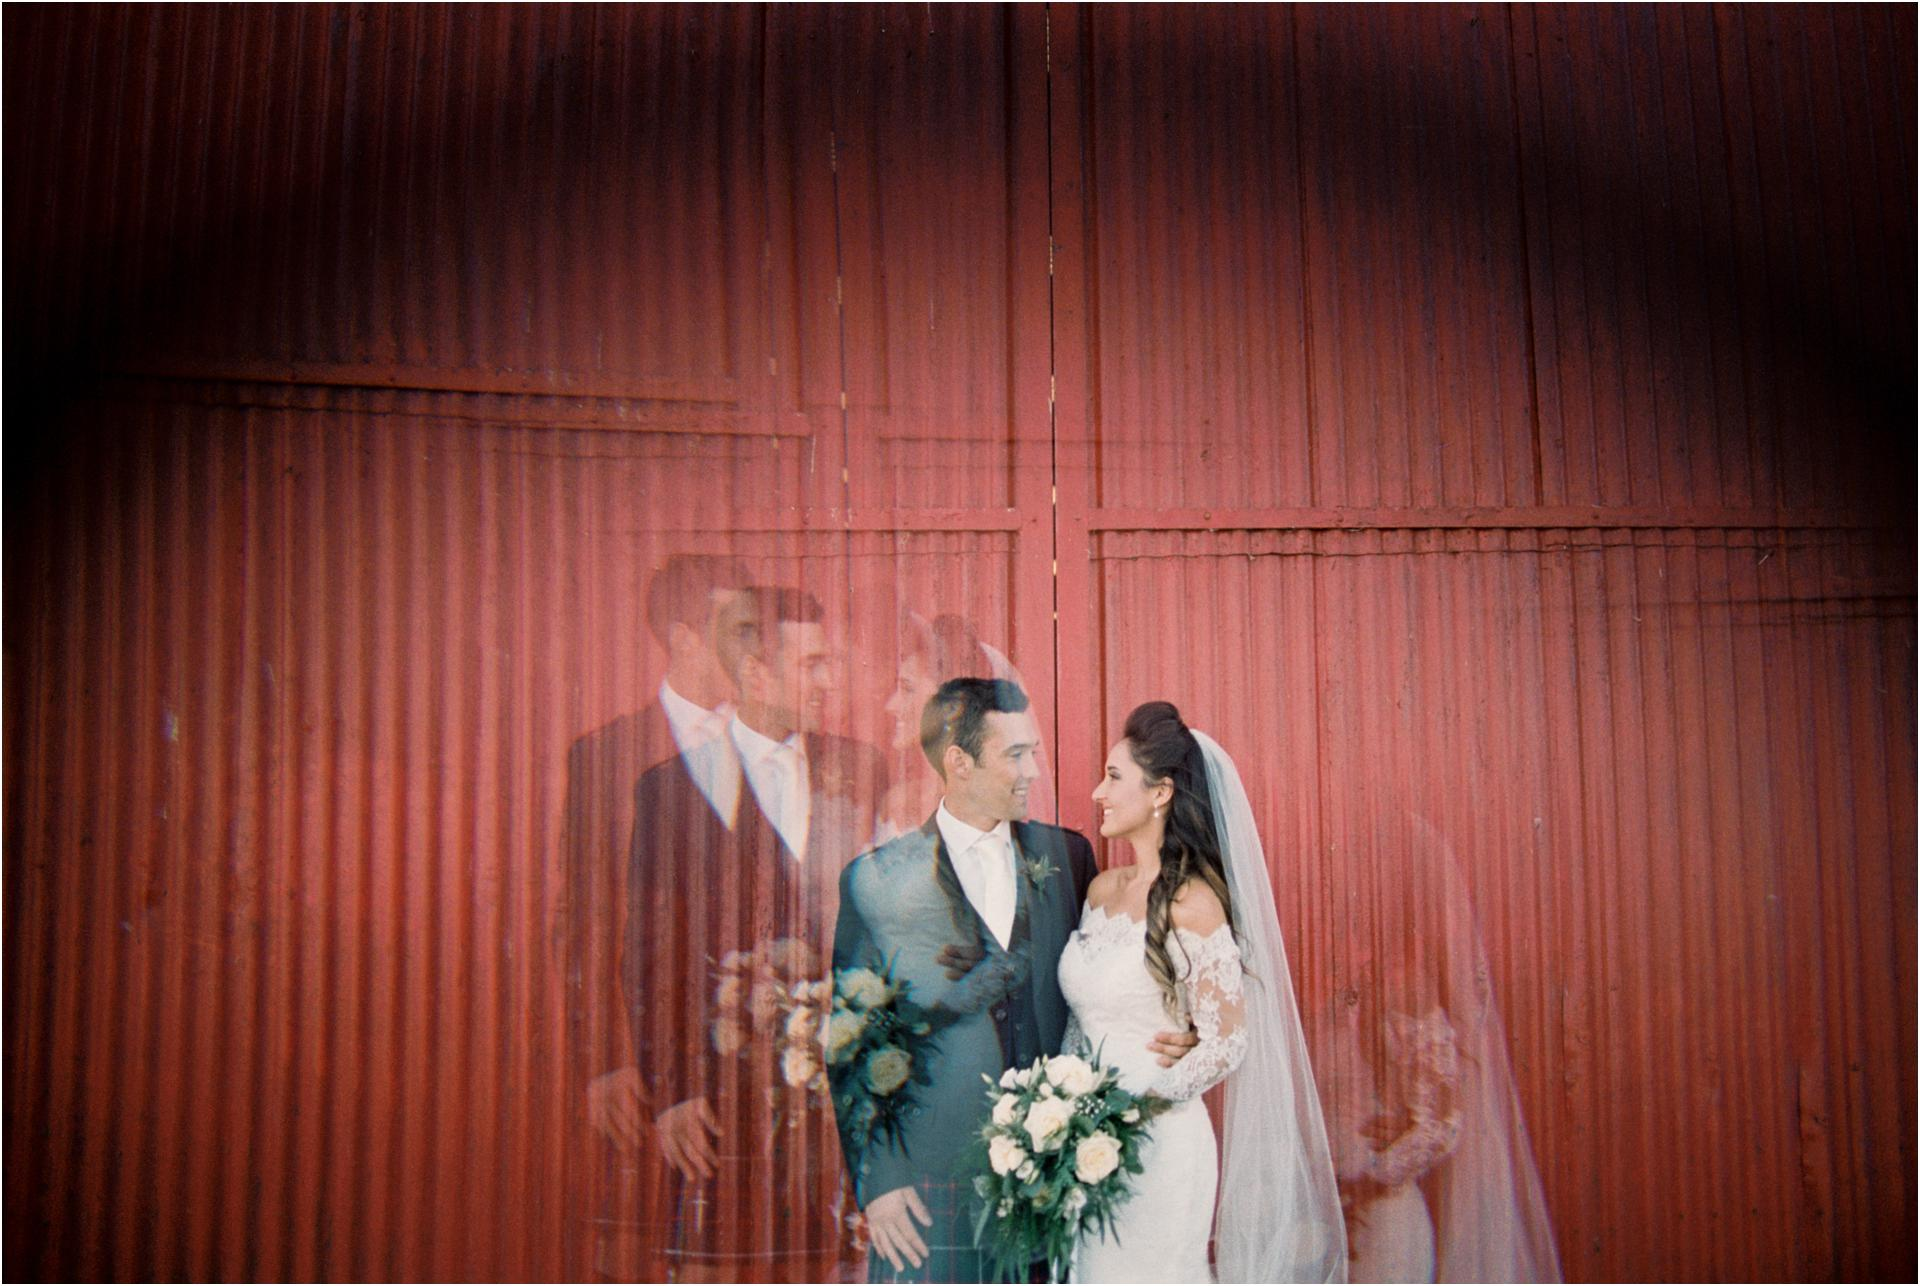 weddingsonfilmphotosbyzoe112